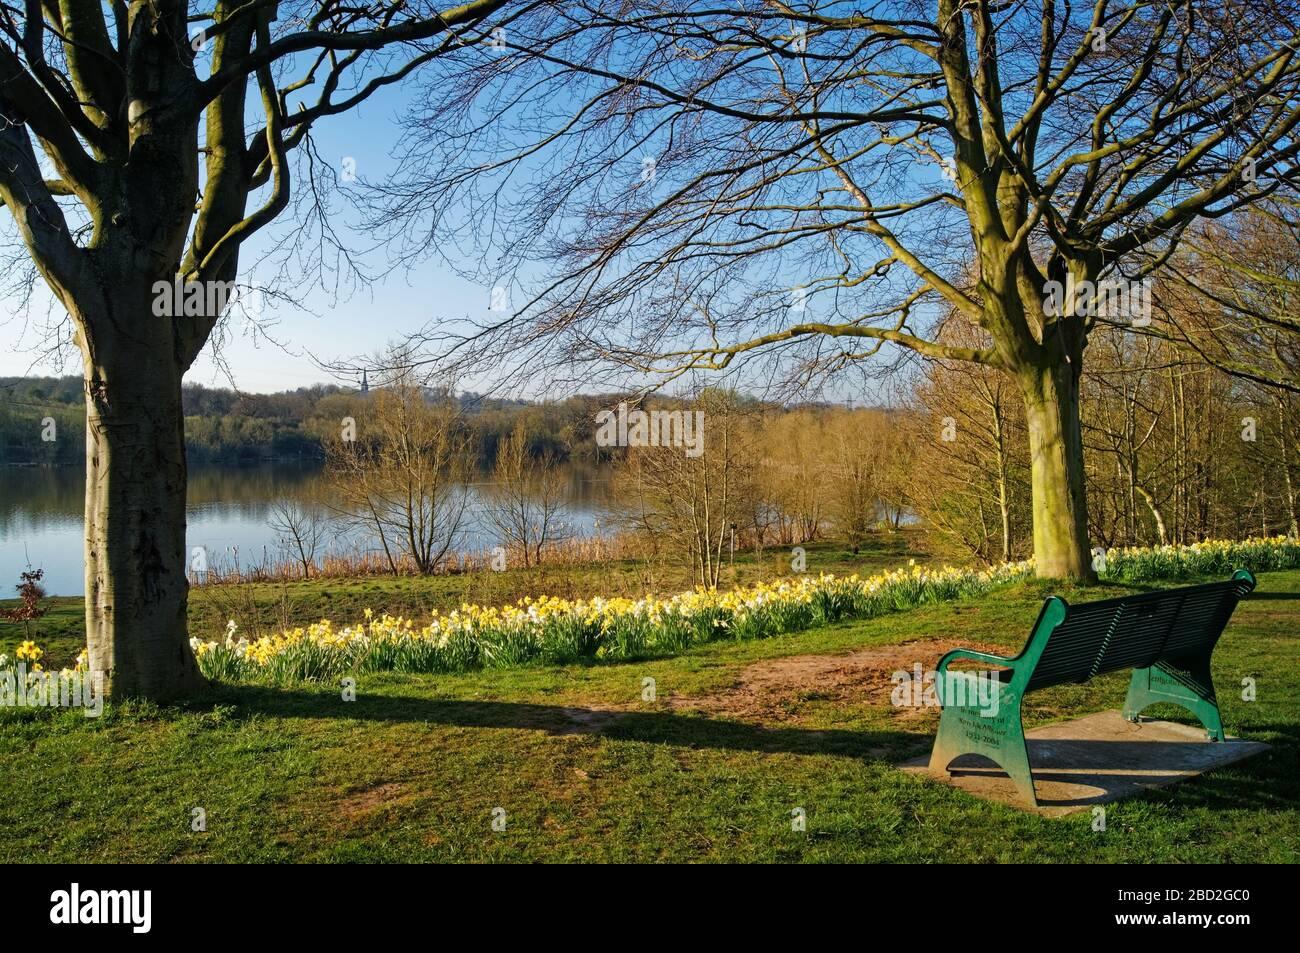 Royaume-Uni, Yorkshire du Sud, Barnsley, réserve naturelle Elsecar, Daffodils et banc surplombant le réservoir Banque D'Images